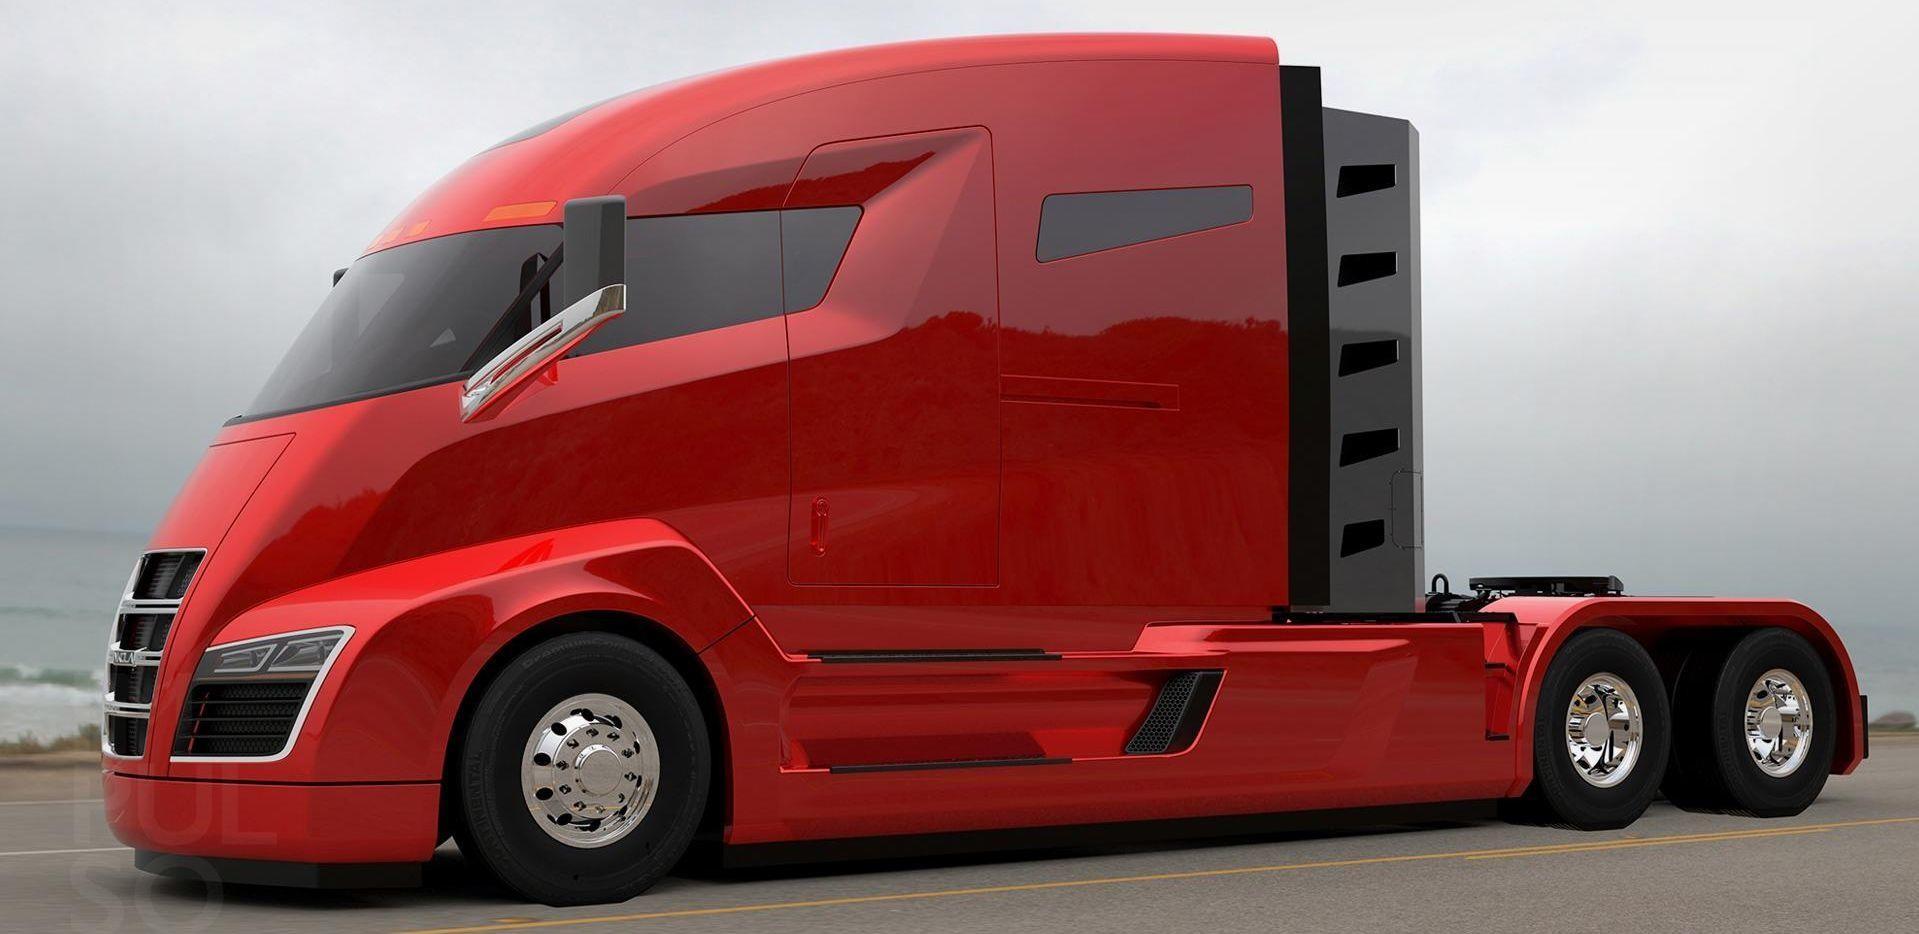 Interessen for den nye lastebilen Nikola One er enorm. Det kan være lastebilen som er starten på slutten for diesel- og bensindreven langtransport.